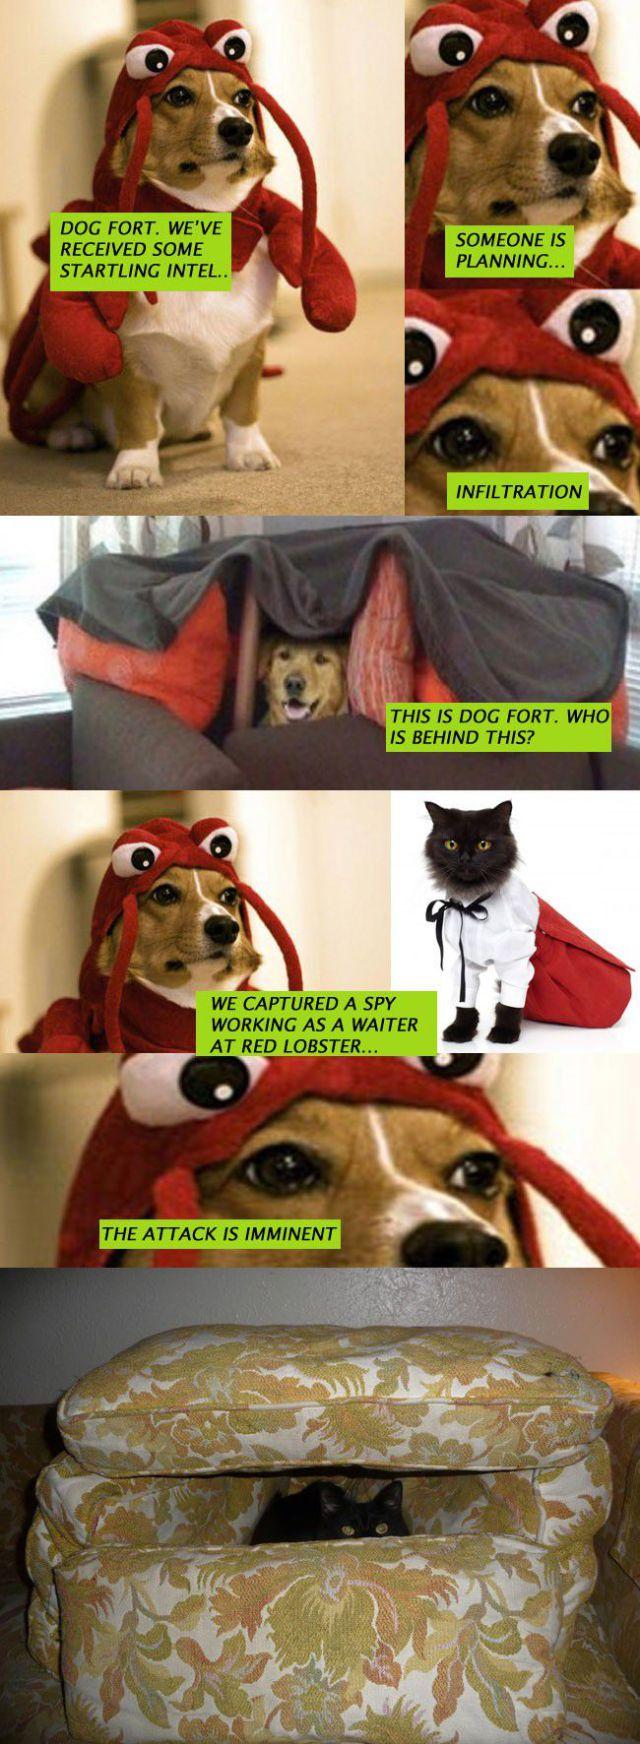 Dog Fort Comics and Memes